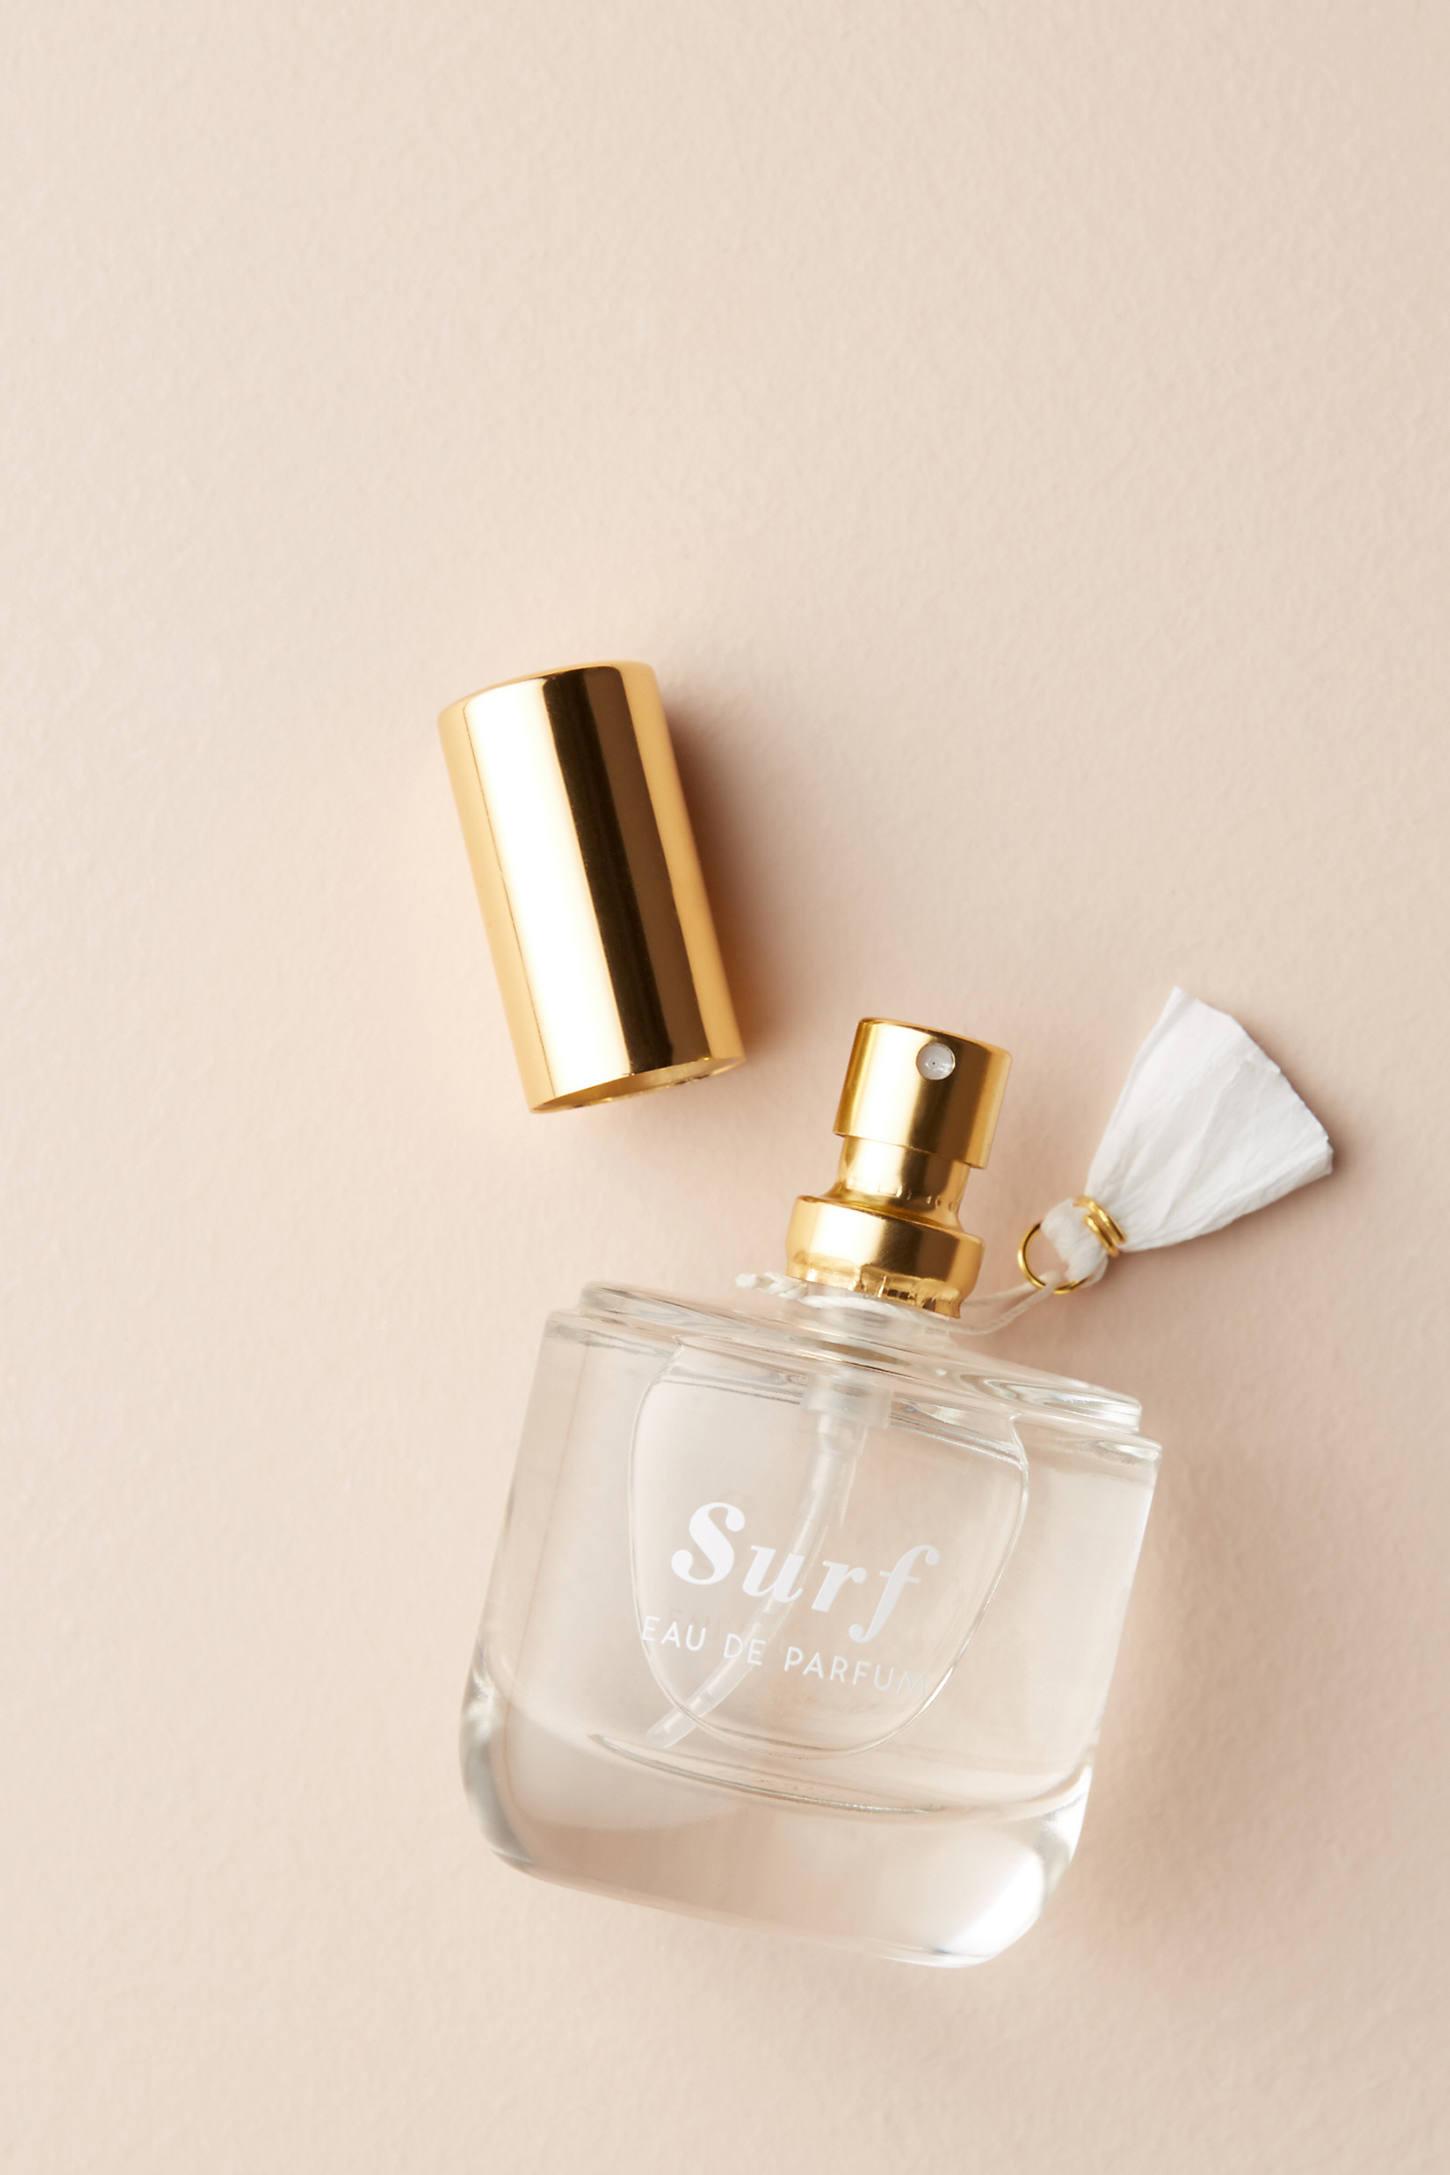 Over Land & Sea Eau De Parfum